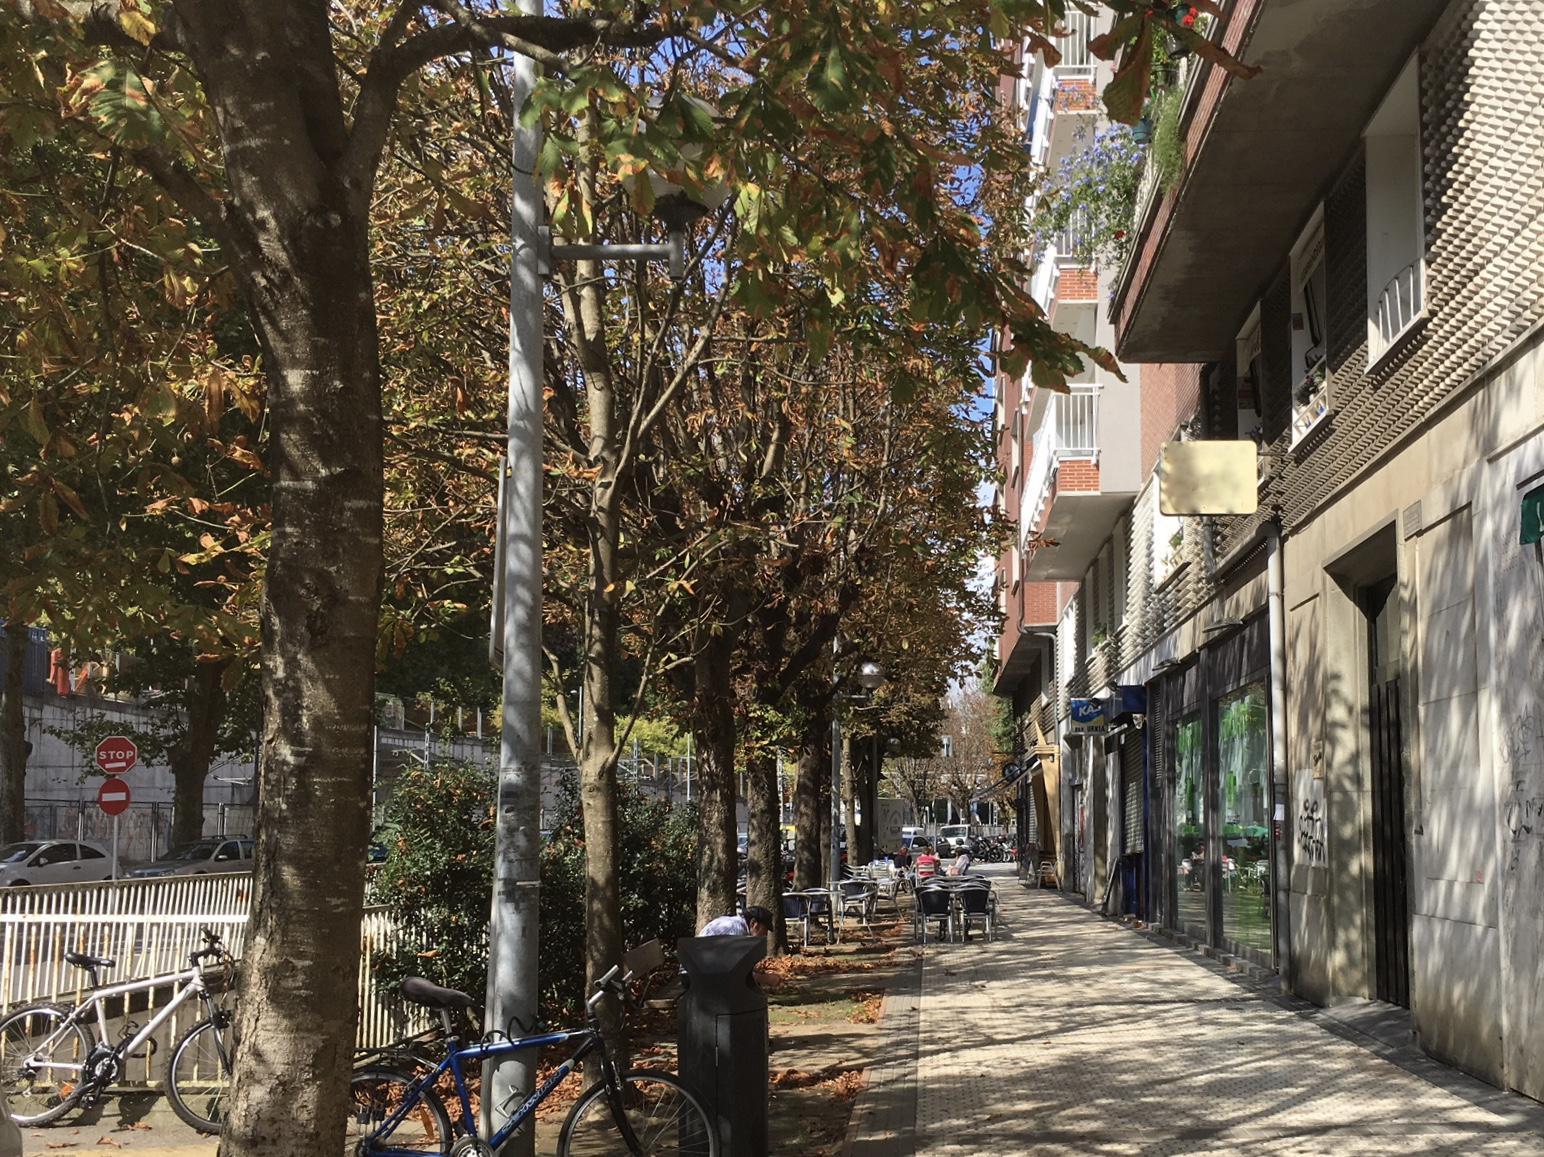 Imagen 3 Local Comercial en venta en San Sebastián / A 500m del centro, primera zona de Amara, Donostia